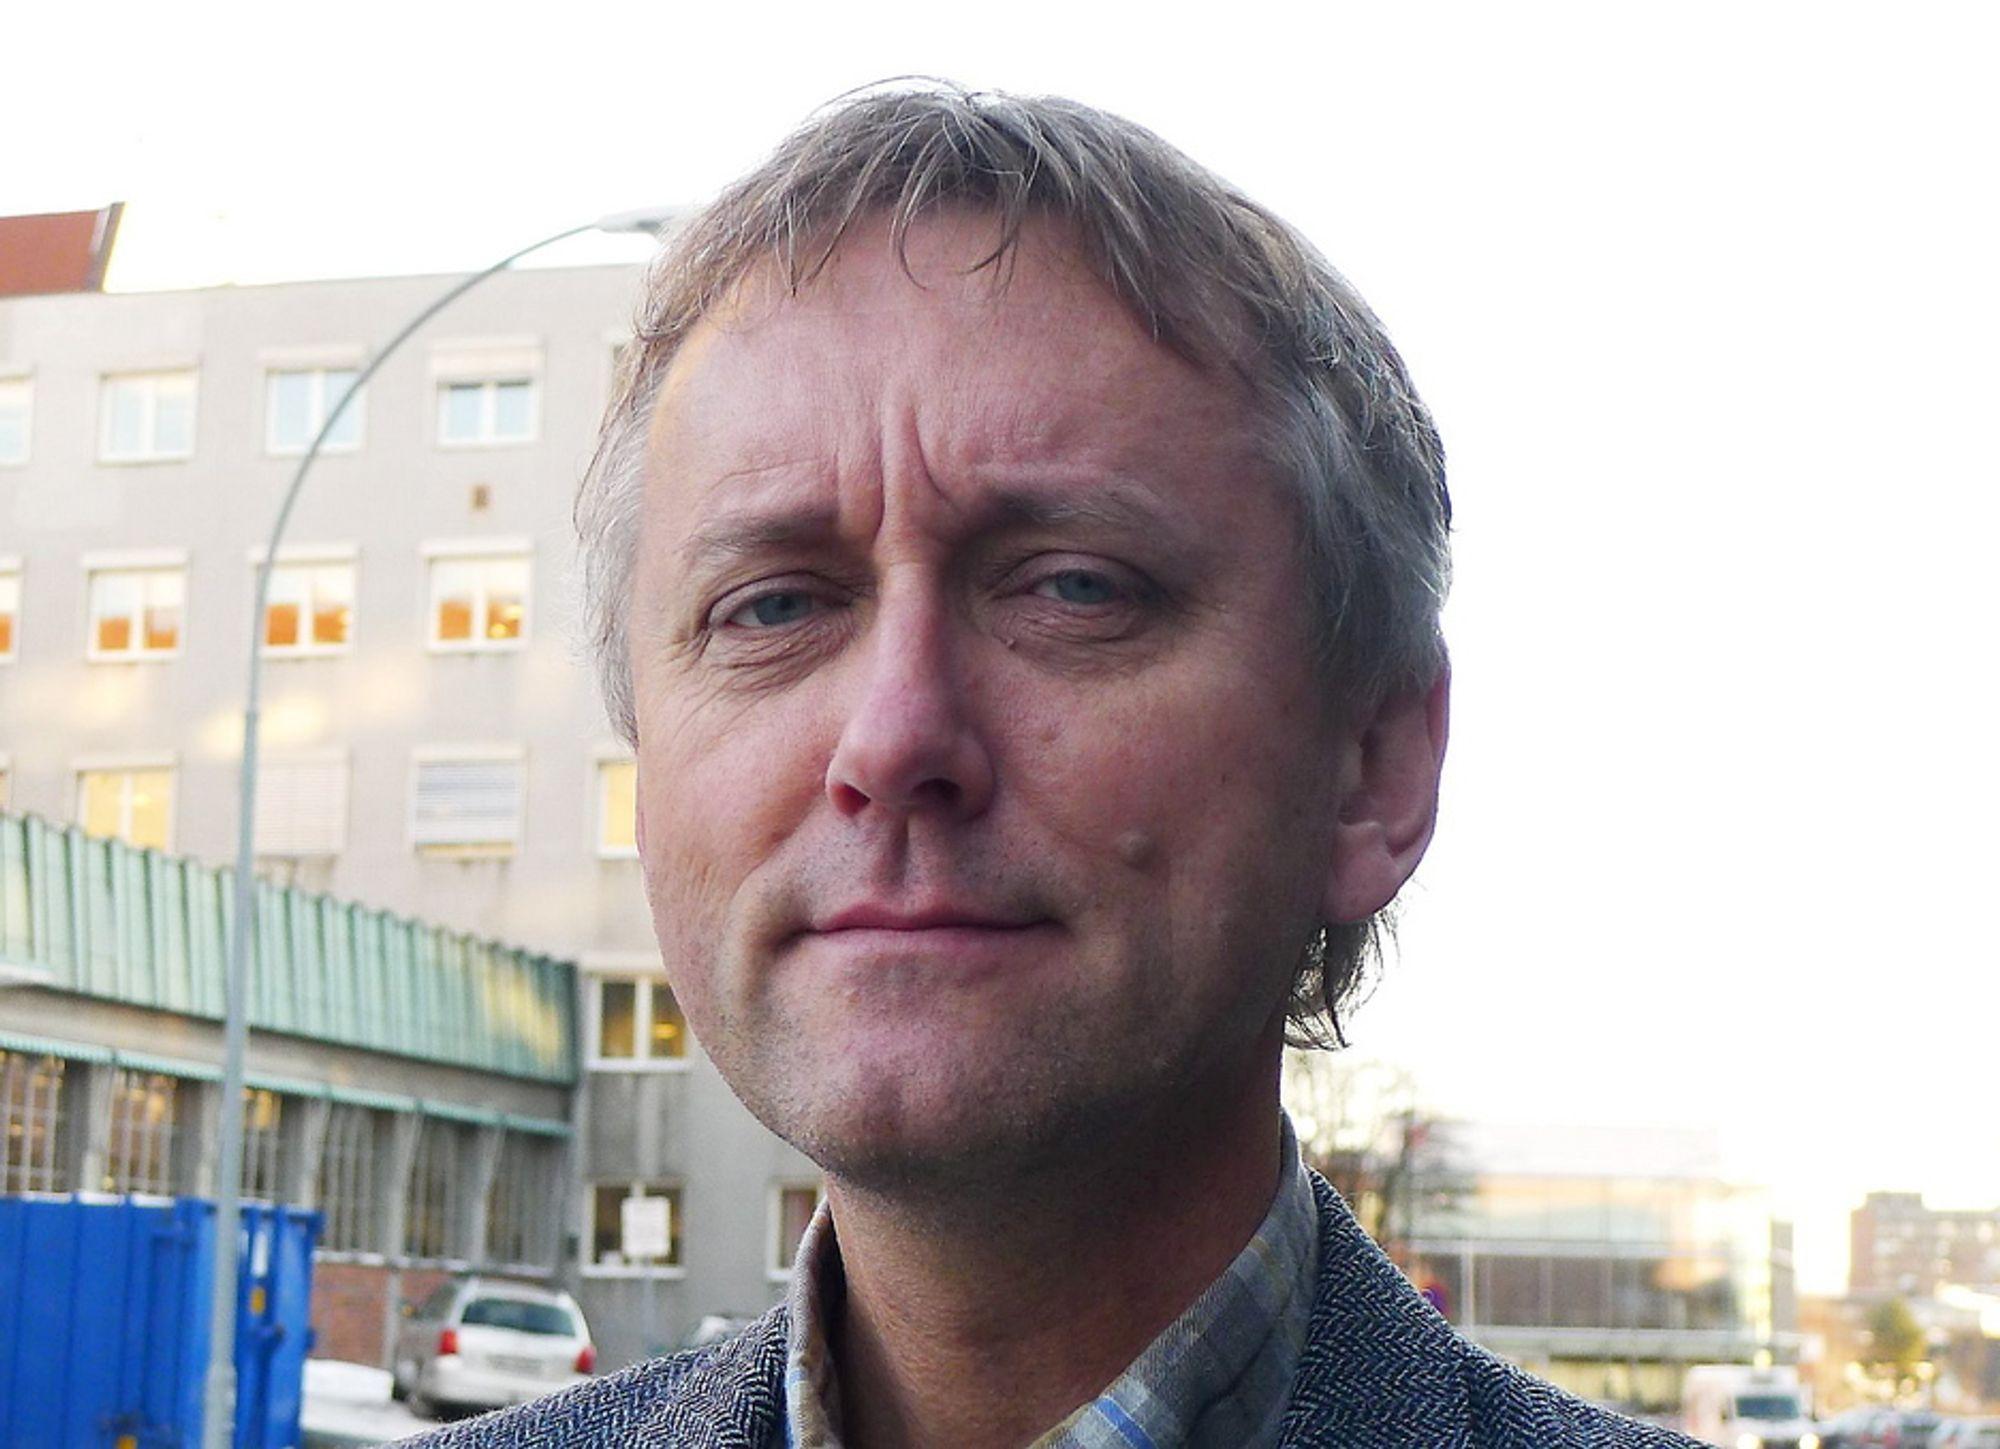 ETTERLYSER KLIMA:- Vi må gjøre klimagassreduserende tiltak, men i Hardanger vil alle heller ha mobile gasskraftverk før kraftlinjer, sier energiforsker Audun Ruud.